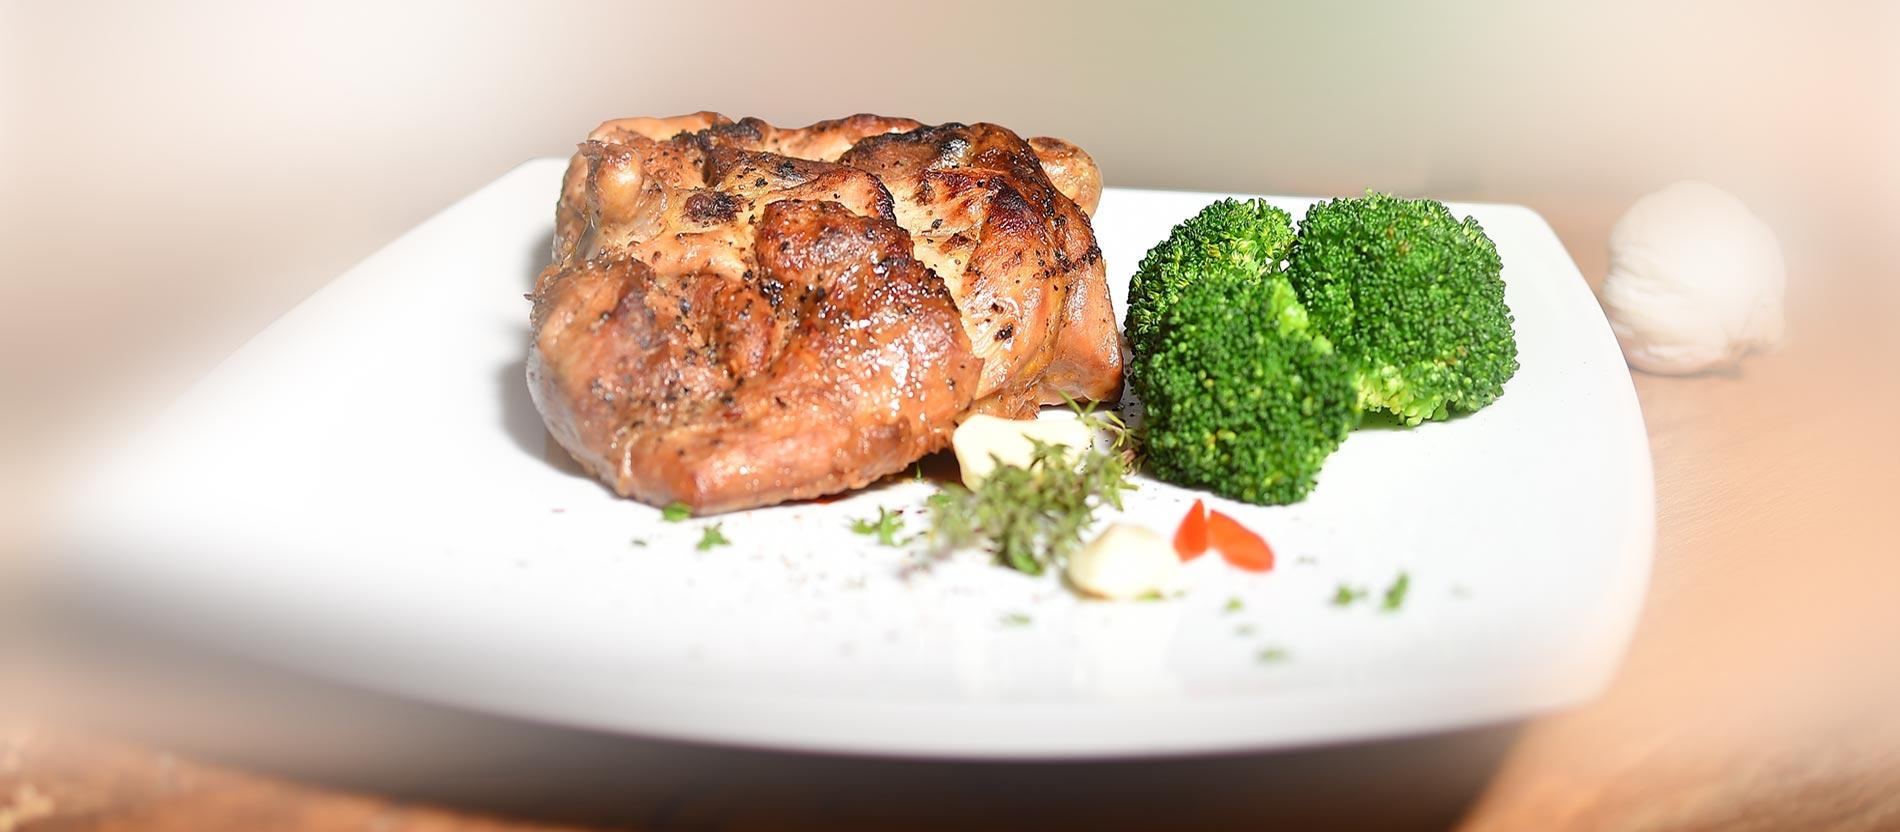 grillspezialitaet-mit-putenfleisch-03